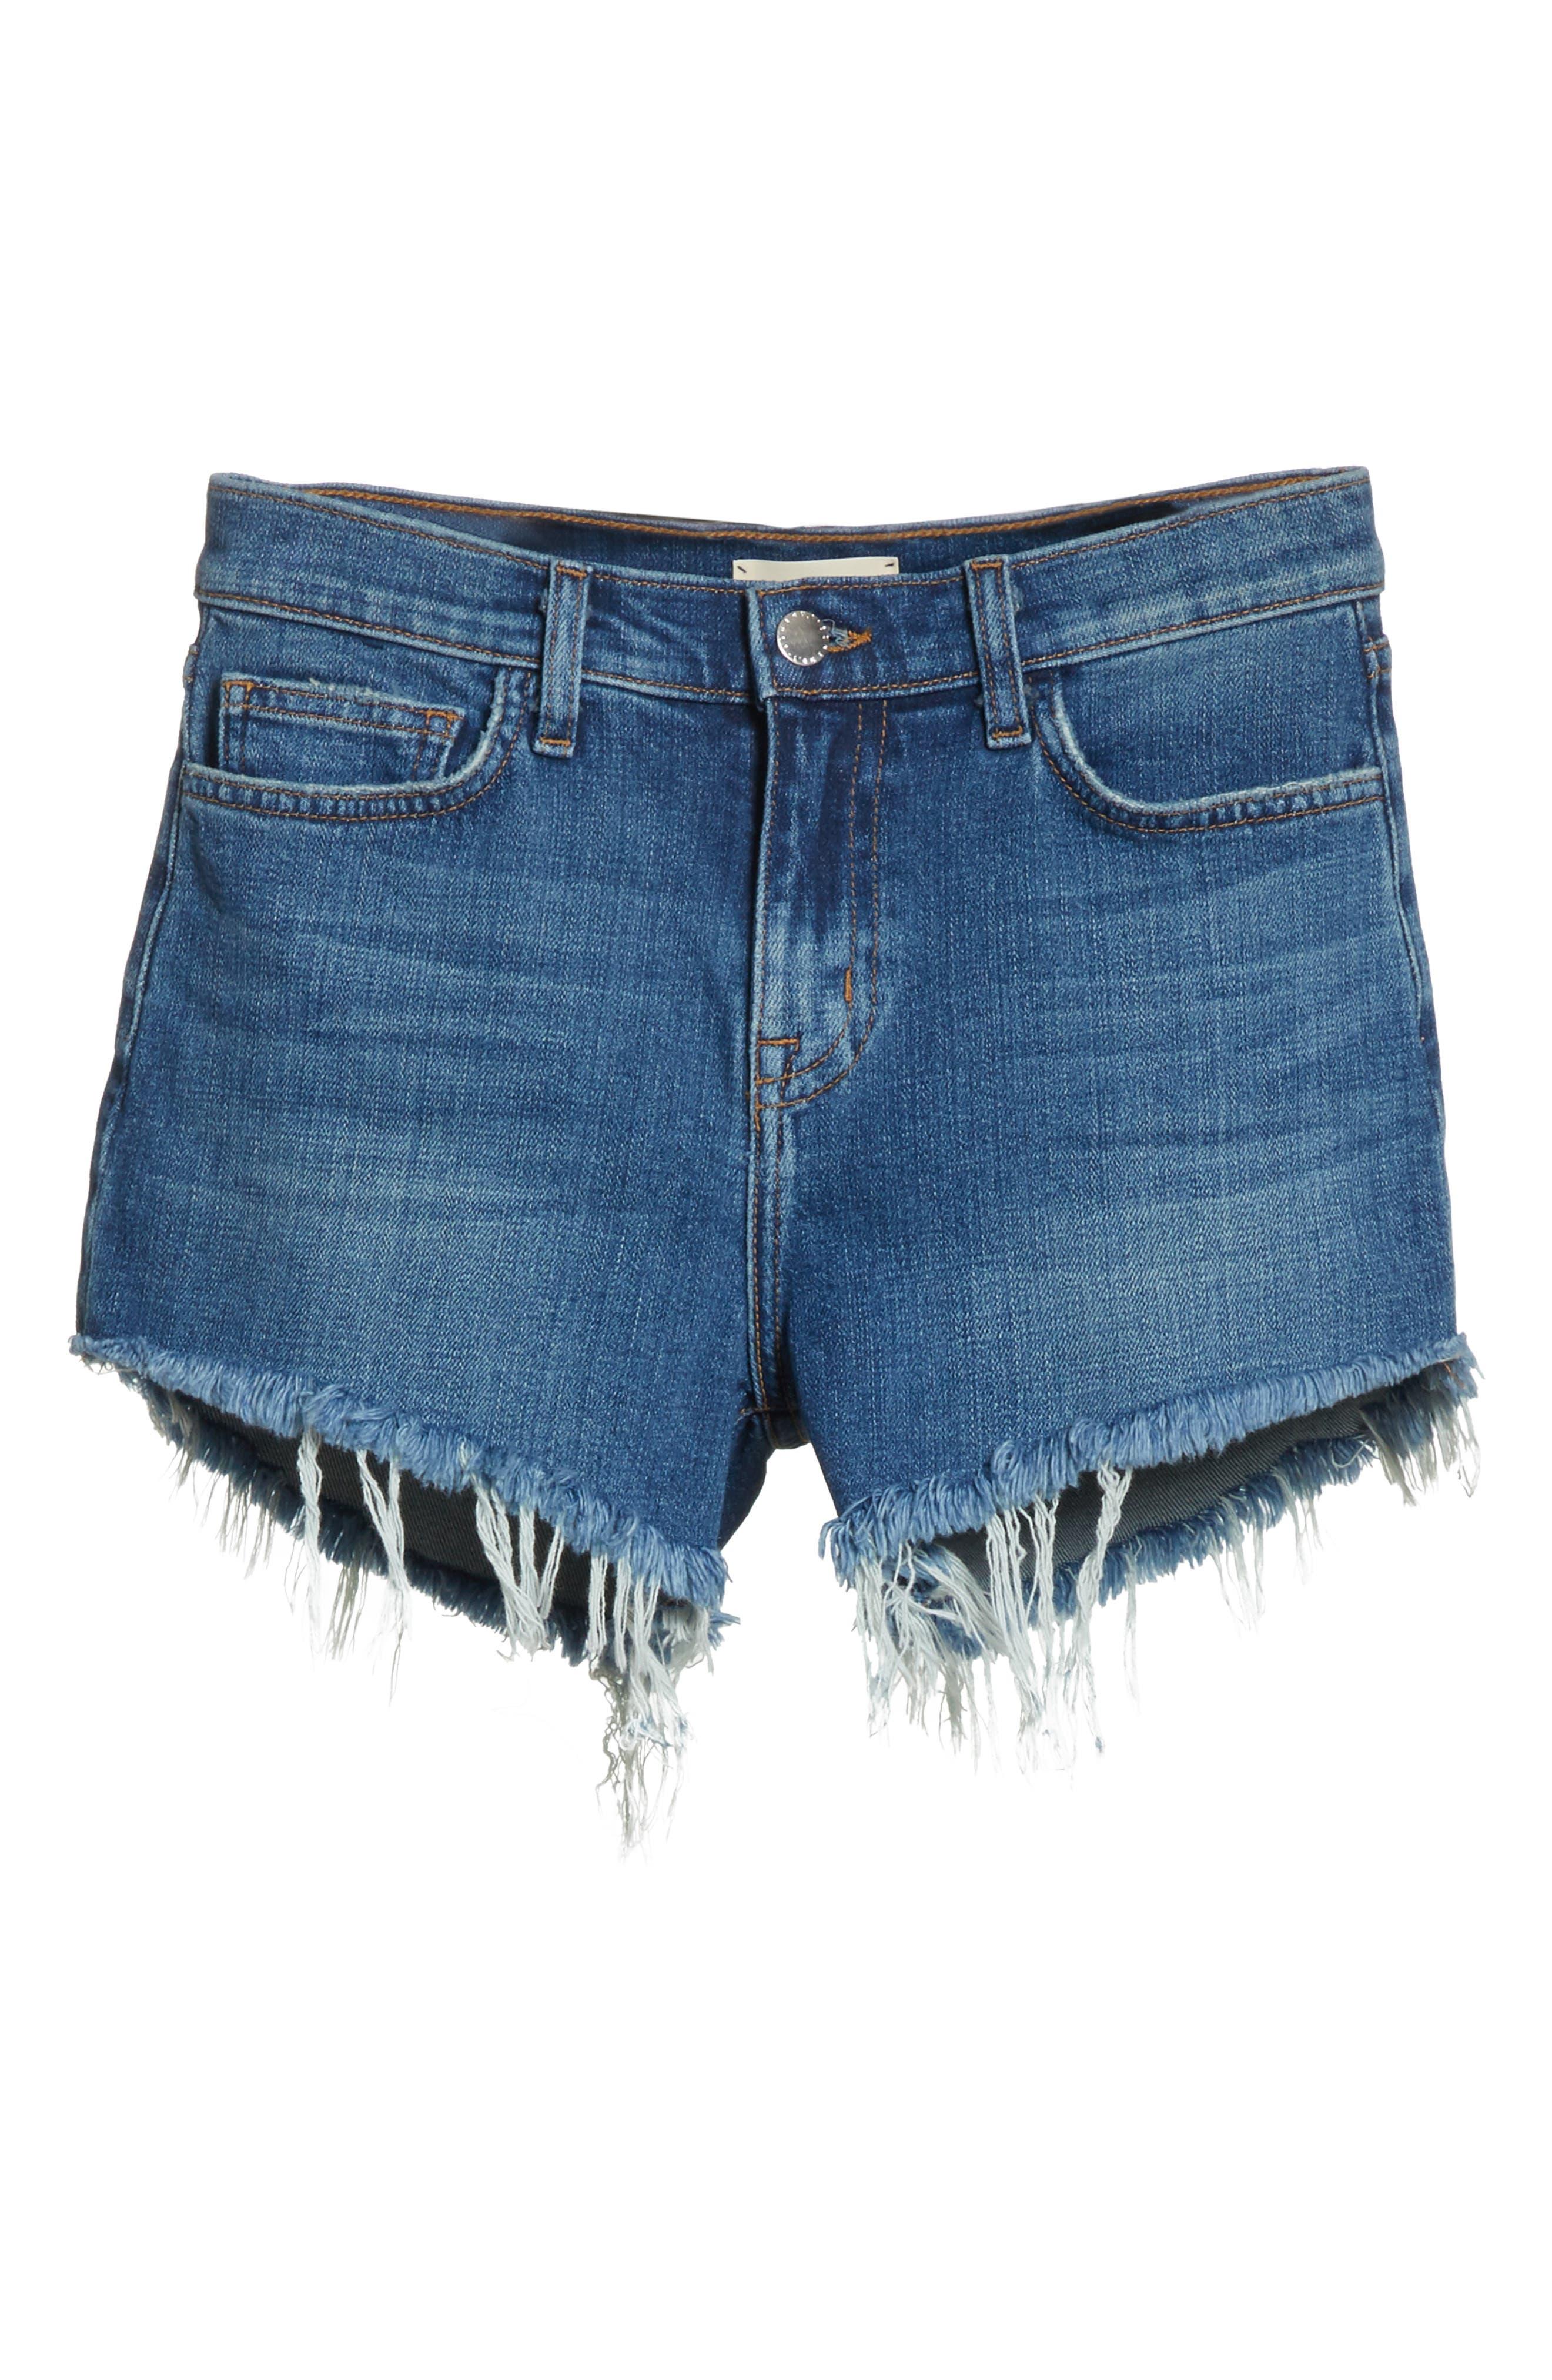 Ryland High Waist Denim Shorts,                             Alternate thumbnail 7, color,                             AUTHENTIQUE